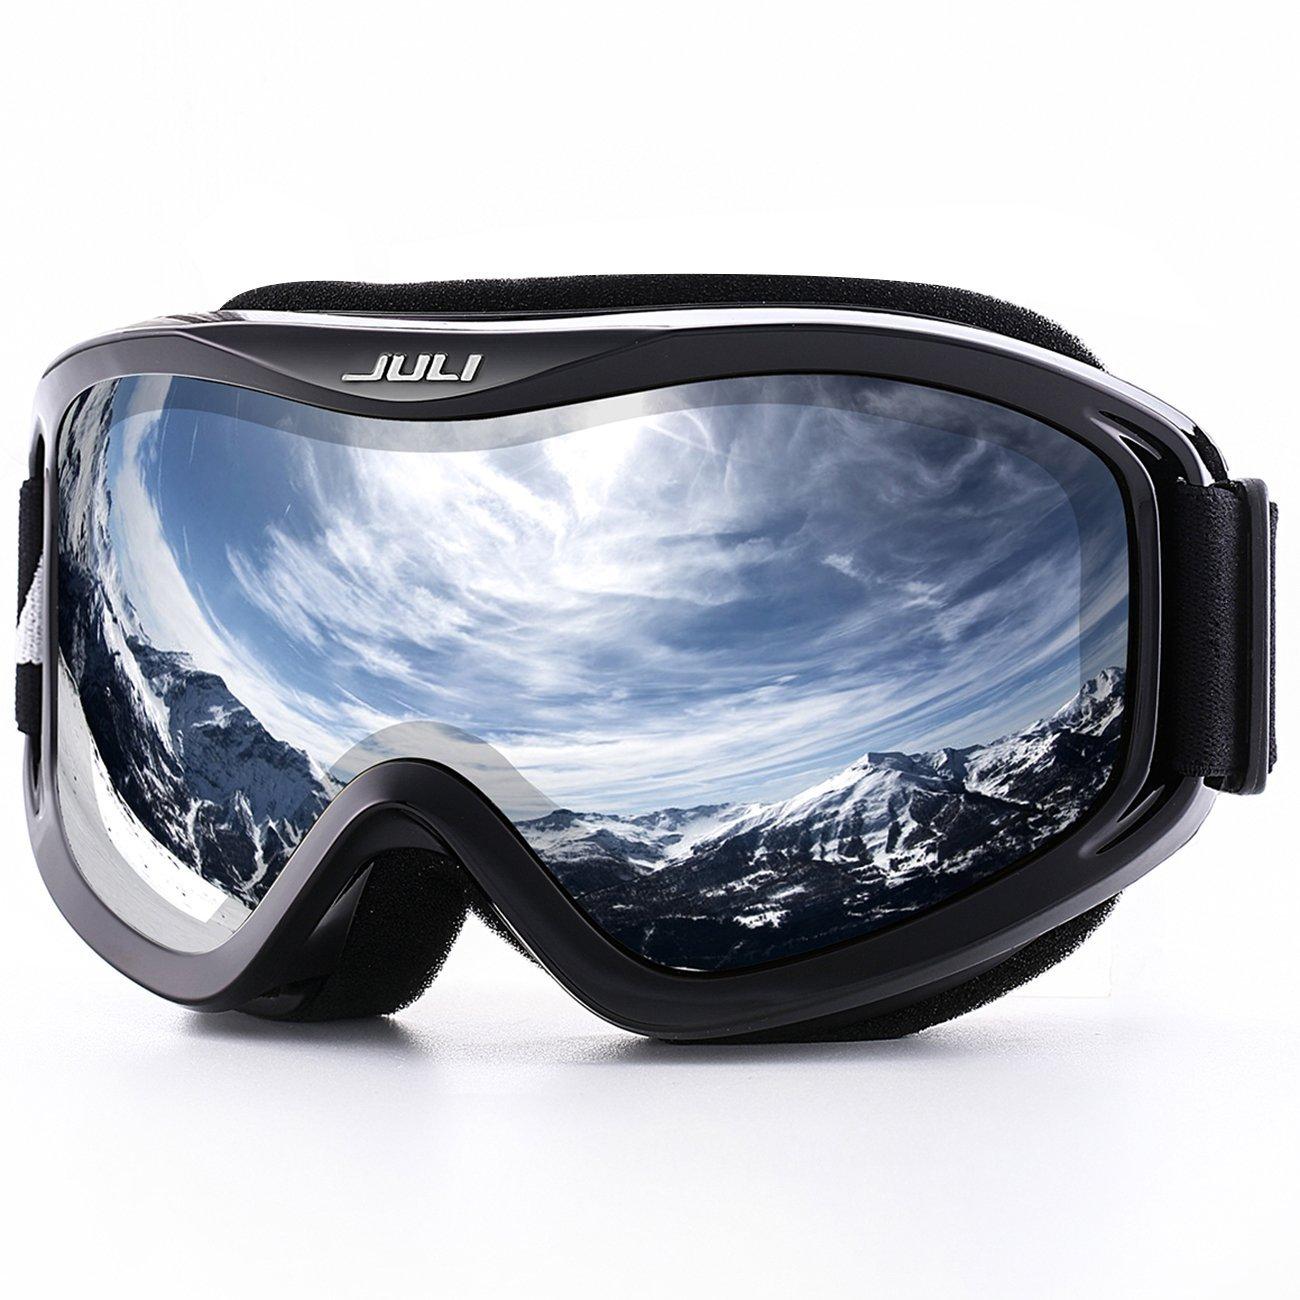 JULI Goggles Over Glasses Snowboard Goggles